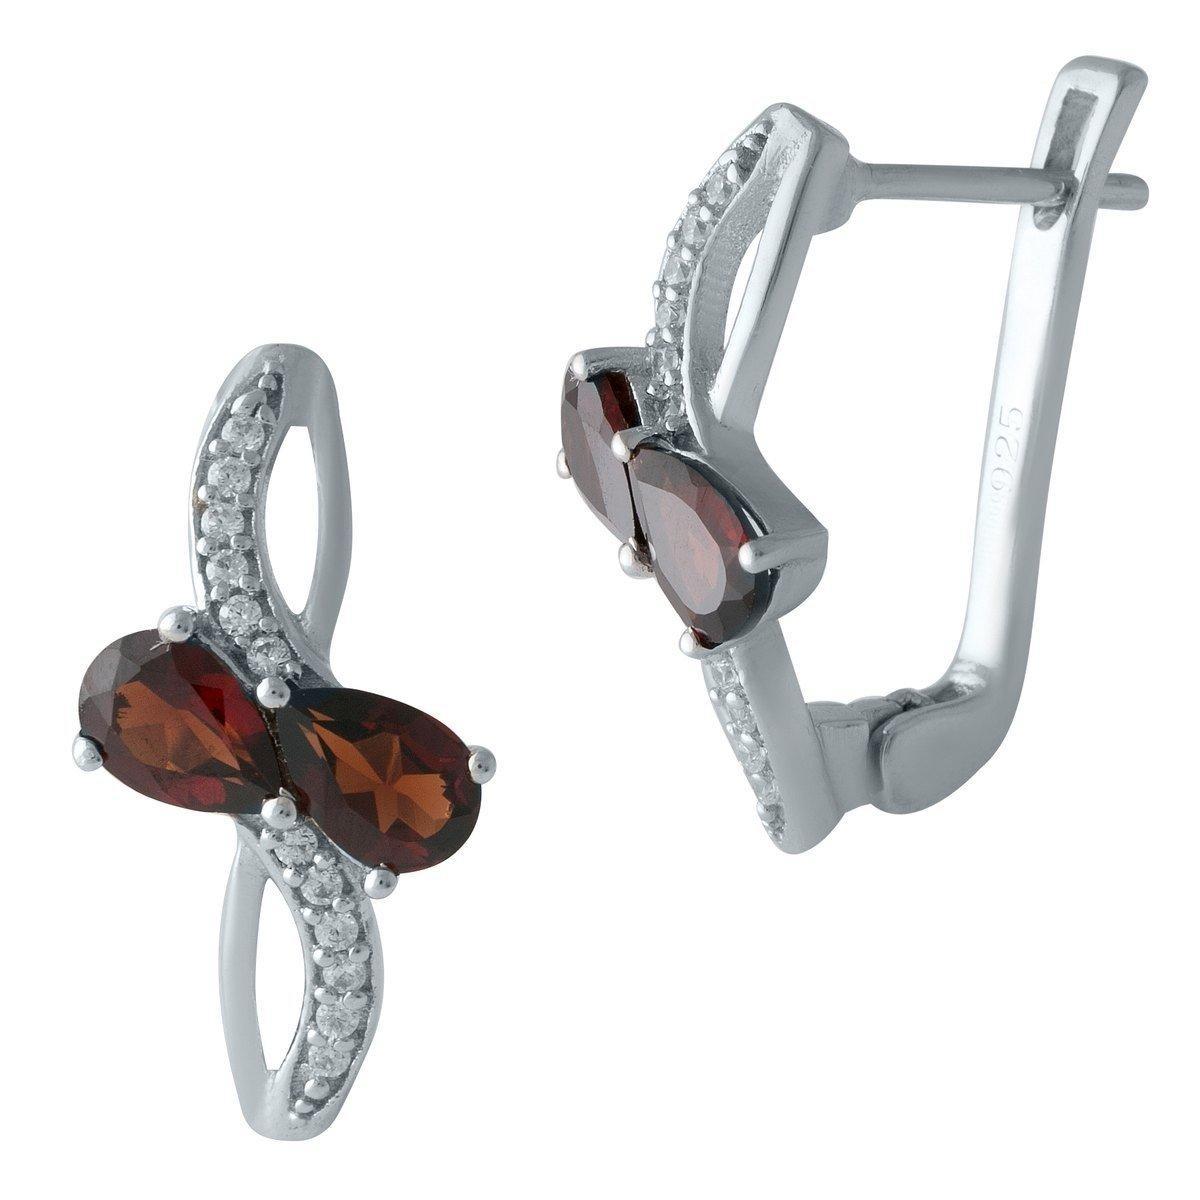 Срібні сережки DreamJewelry з натуральним гранатом (1996614)